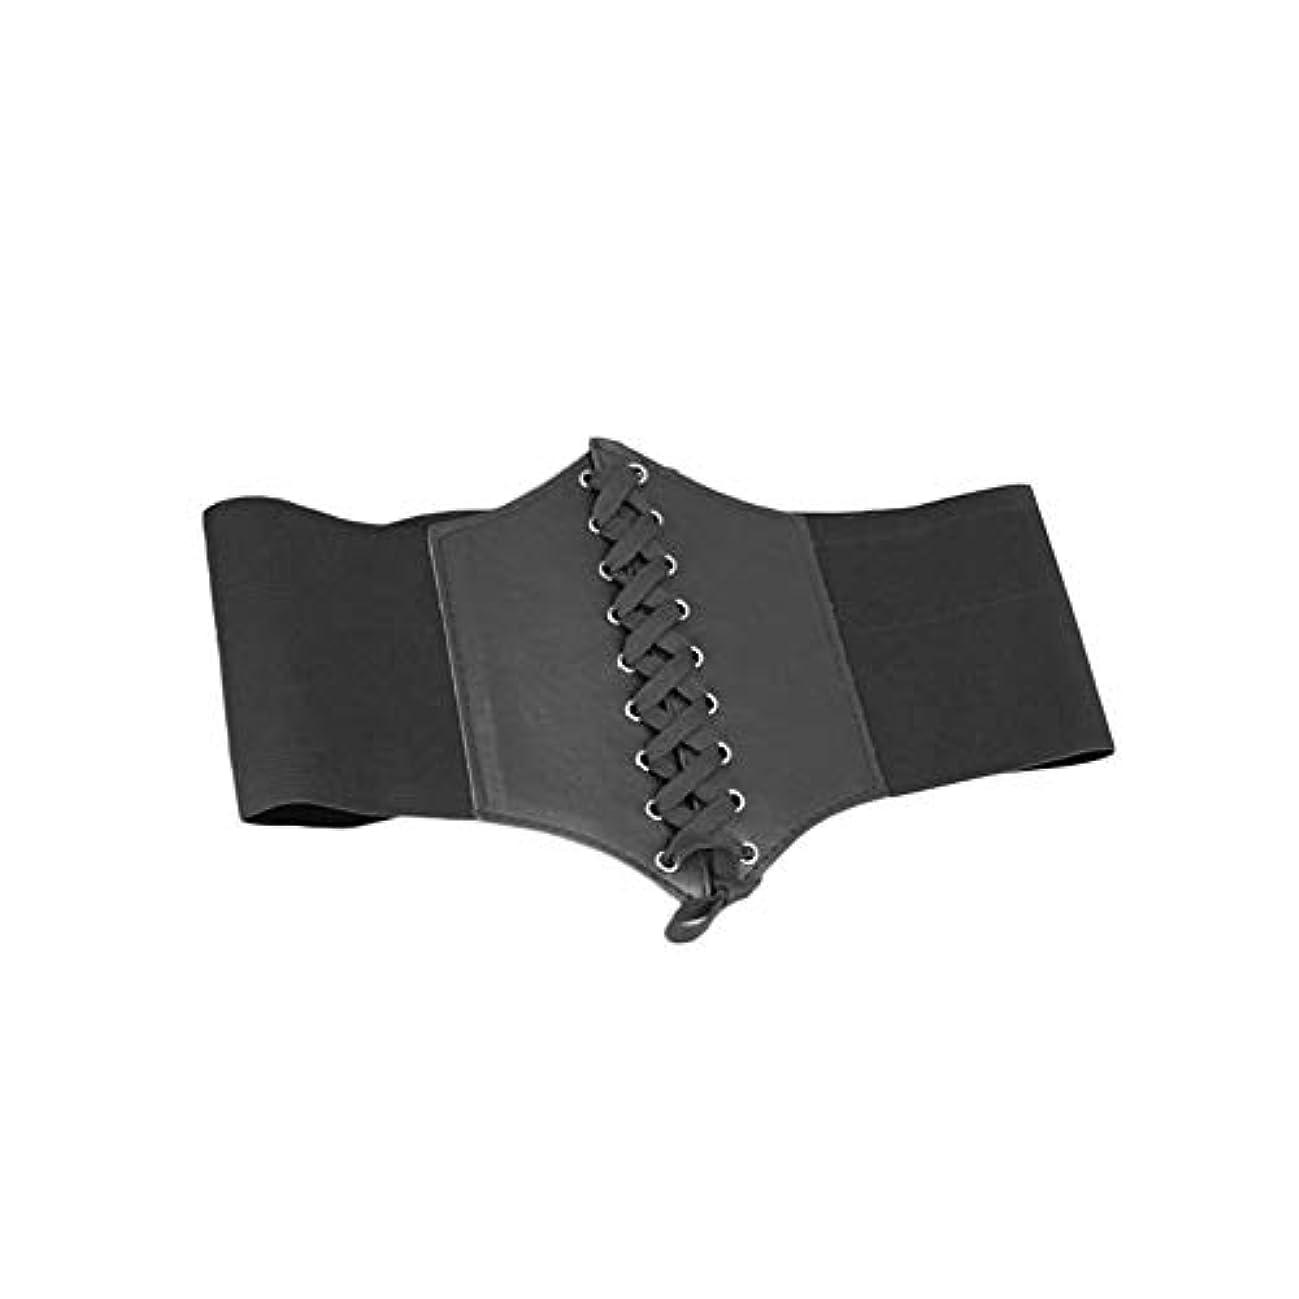 ブラザーうまくいけば非常に女性ヴィンテージソリッドベルトウエストニッパーレースアップコルセット包帯ハイストレッチ調節可能なネクタイワイドウエストバンド用女性 - 黒